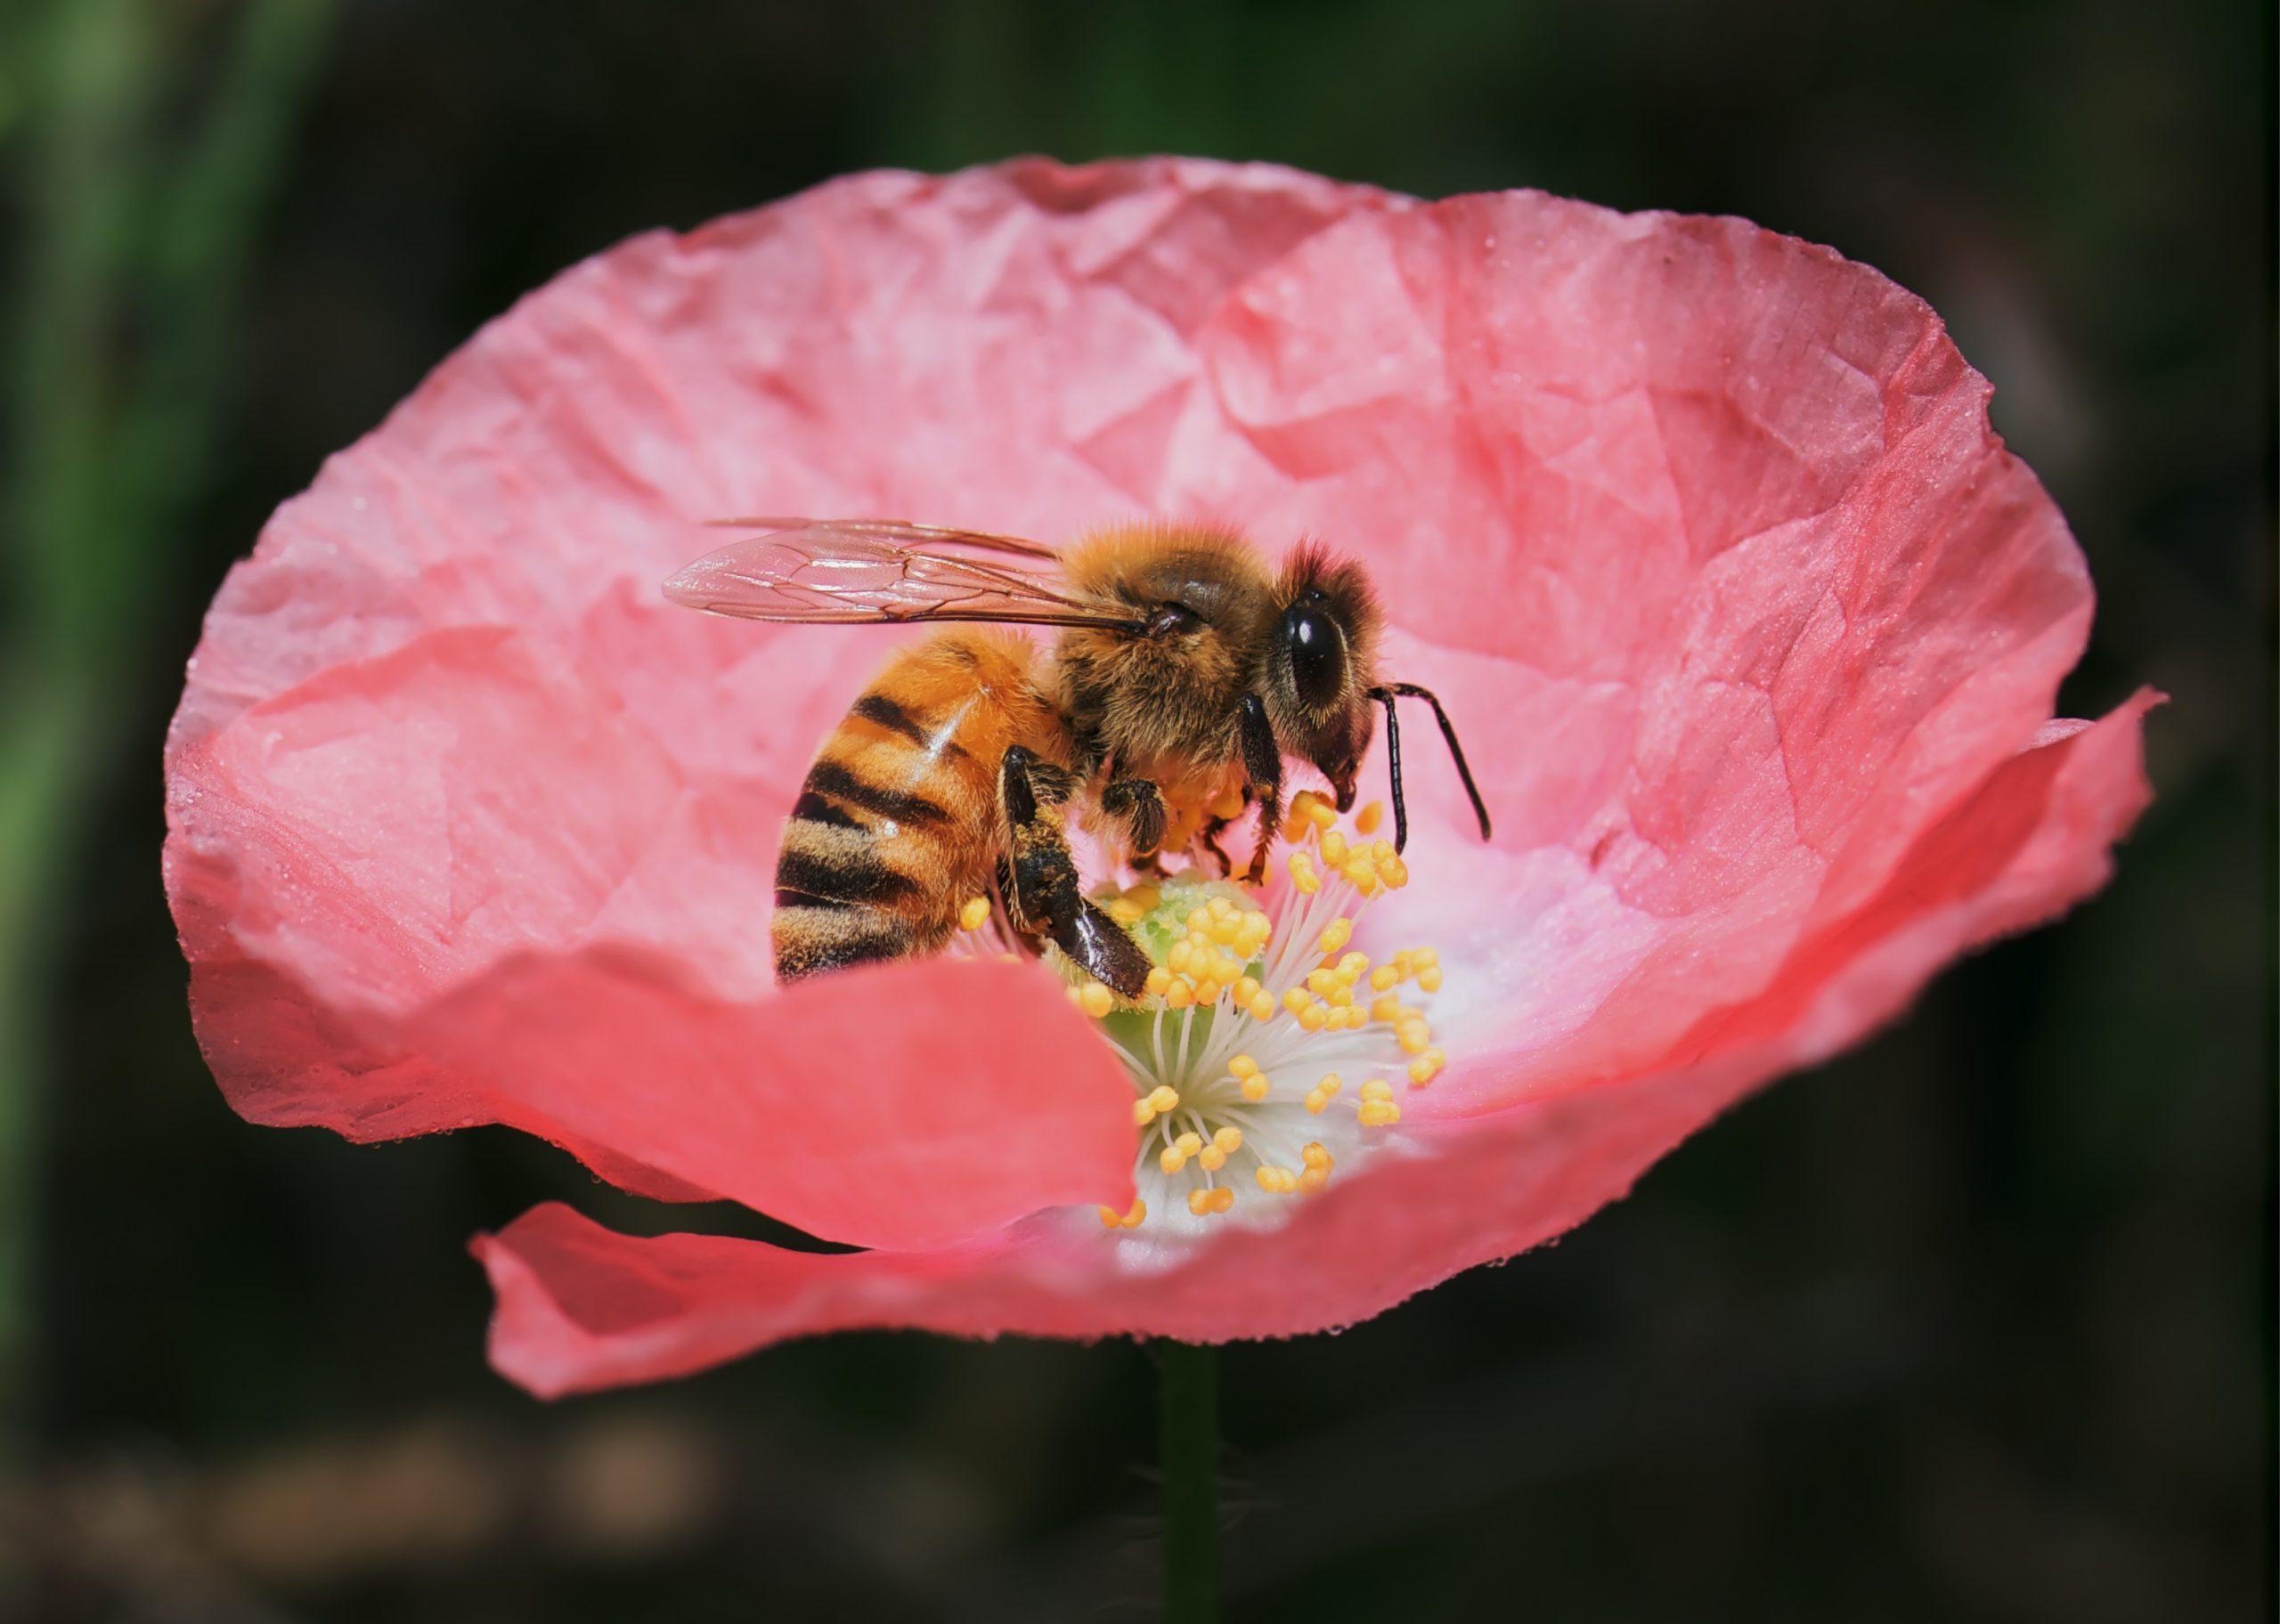 Il faut remonter à plus de 120 millions d'années pour retrouver une parenté de l'abeille, qui était une guêpe primitive. C'est à ce moment précis qu'elle a commencé à jouer son rôle fondamental dans l'écosystème. Aujourd'hui, l'abeille est essentielle à la vie humaine mais elle est aussi fortement menacée par elle-même. Un célèbre physicien Einstein aurait dit « si l'abeille disparaissait de la surface de la terre l'homme n'aurait plus que 4 années à vivre »